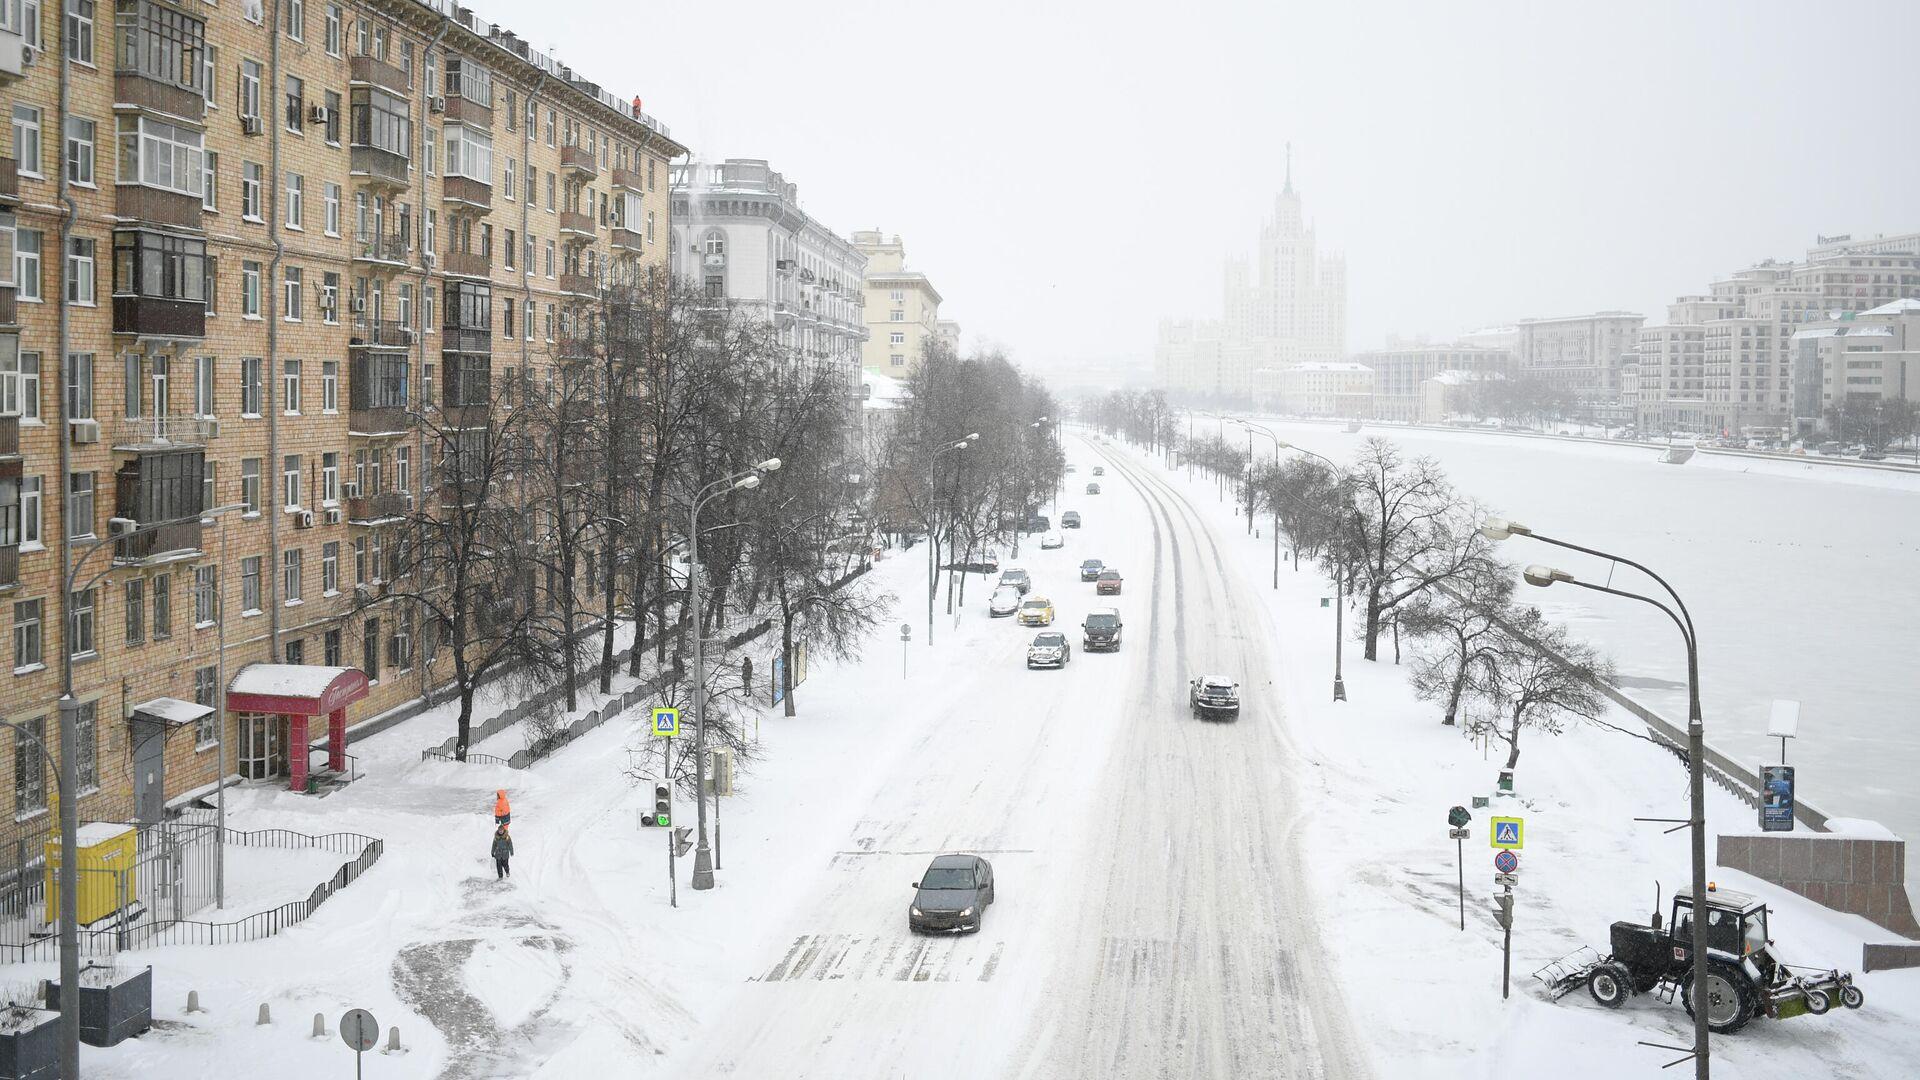 Космодамианская набережная в Москве во время снегопада - РИА Новости, 1920, 23.02.2021